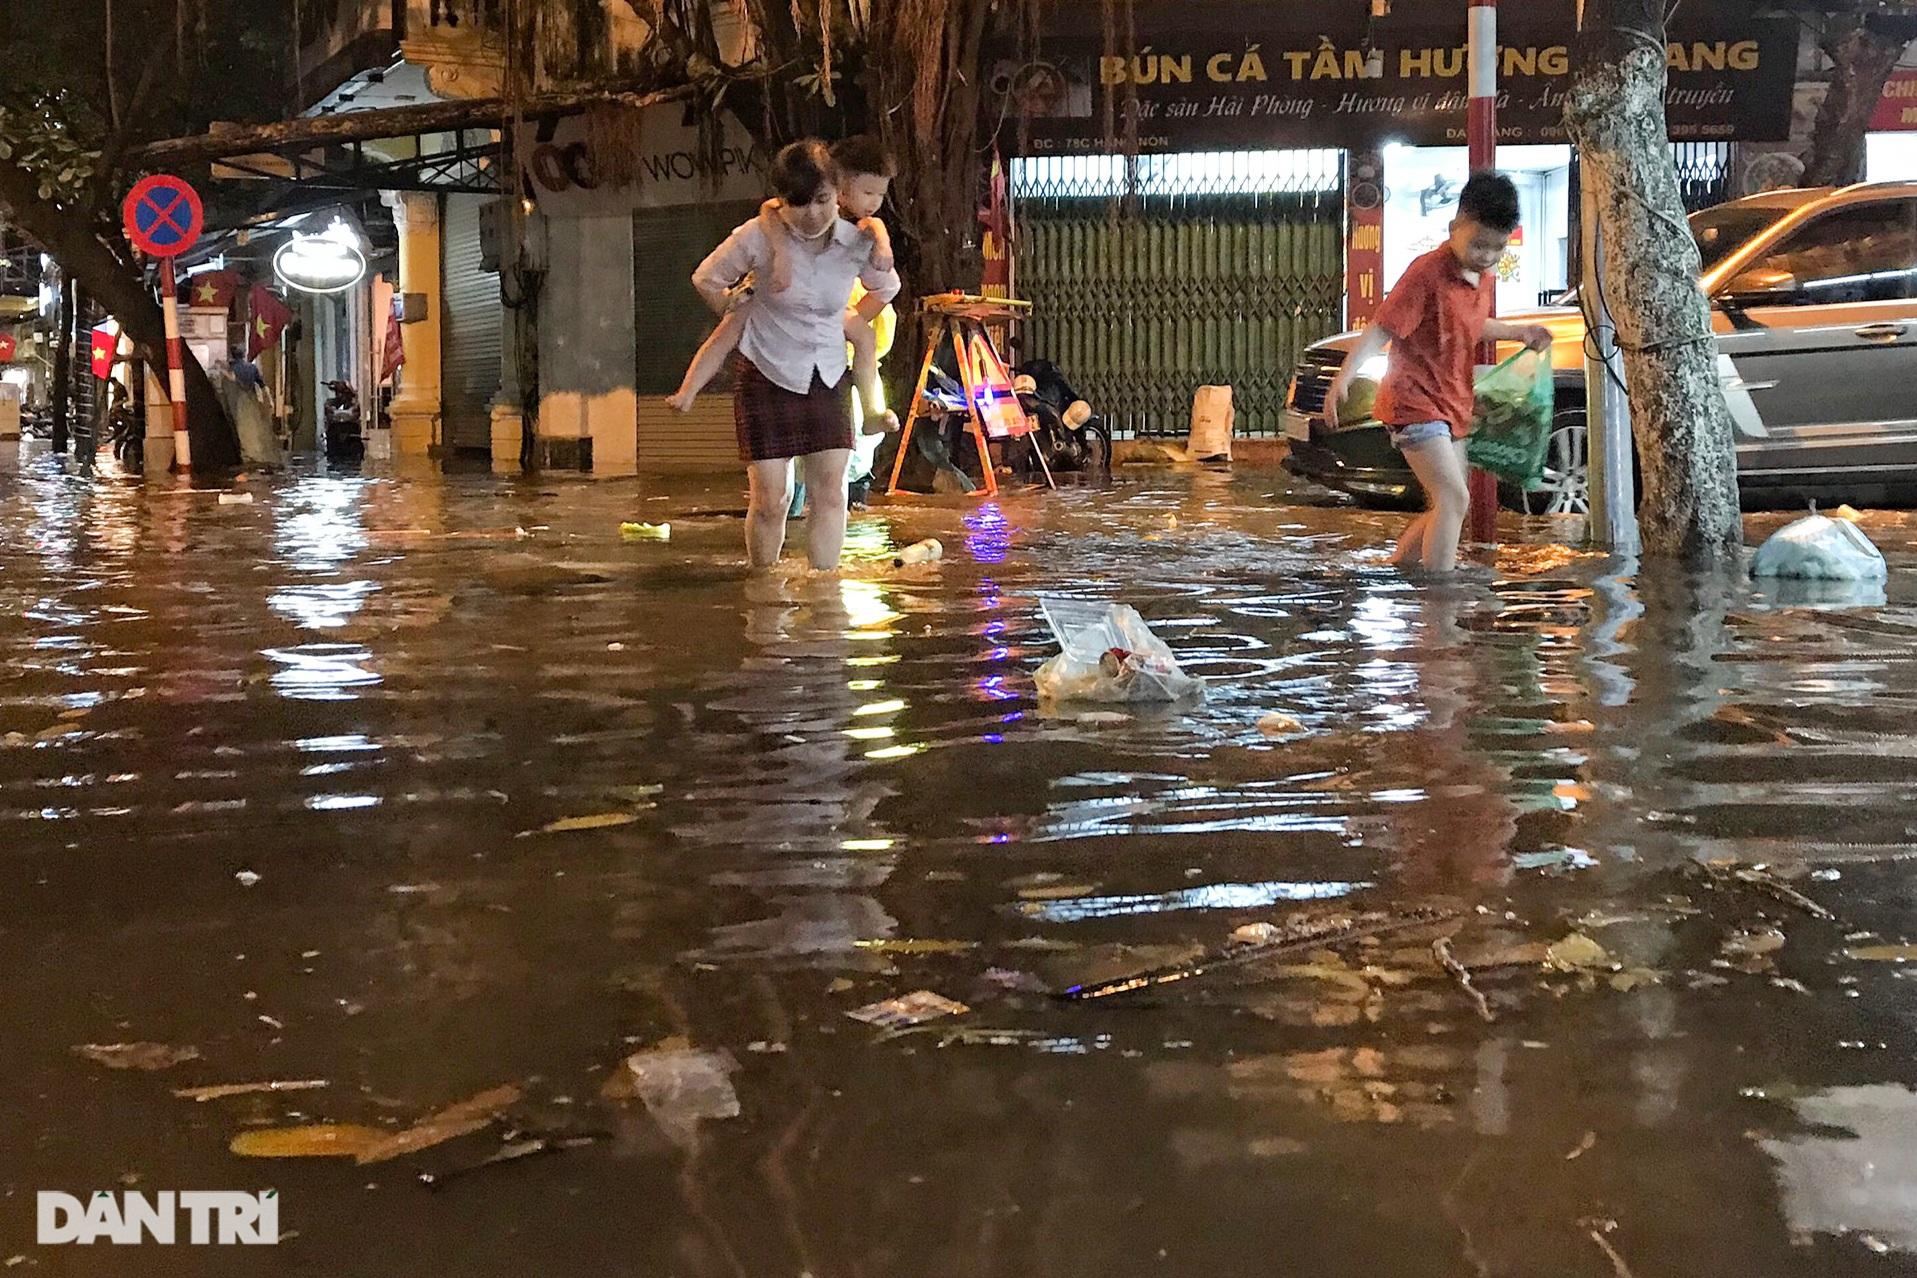 Hà Nội ngập sâu trong nước sau cơn mưa ngắn chưa đầy 1 tiếng đồng hồ - 16